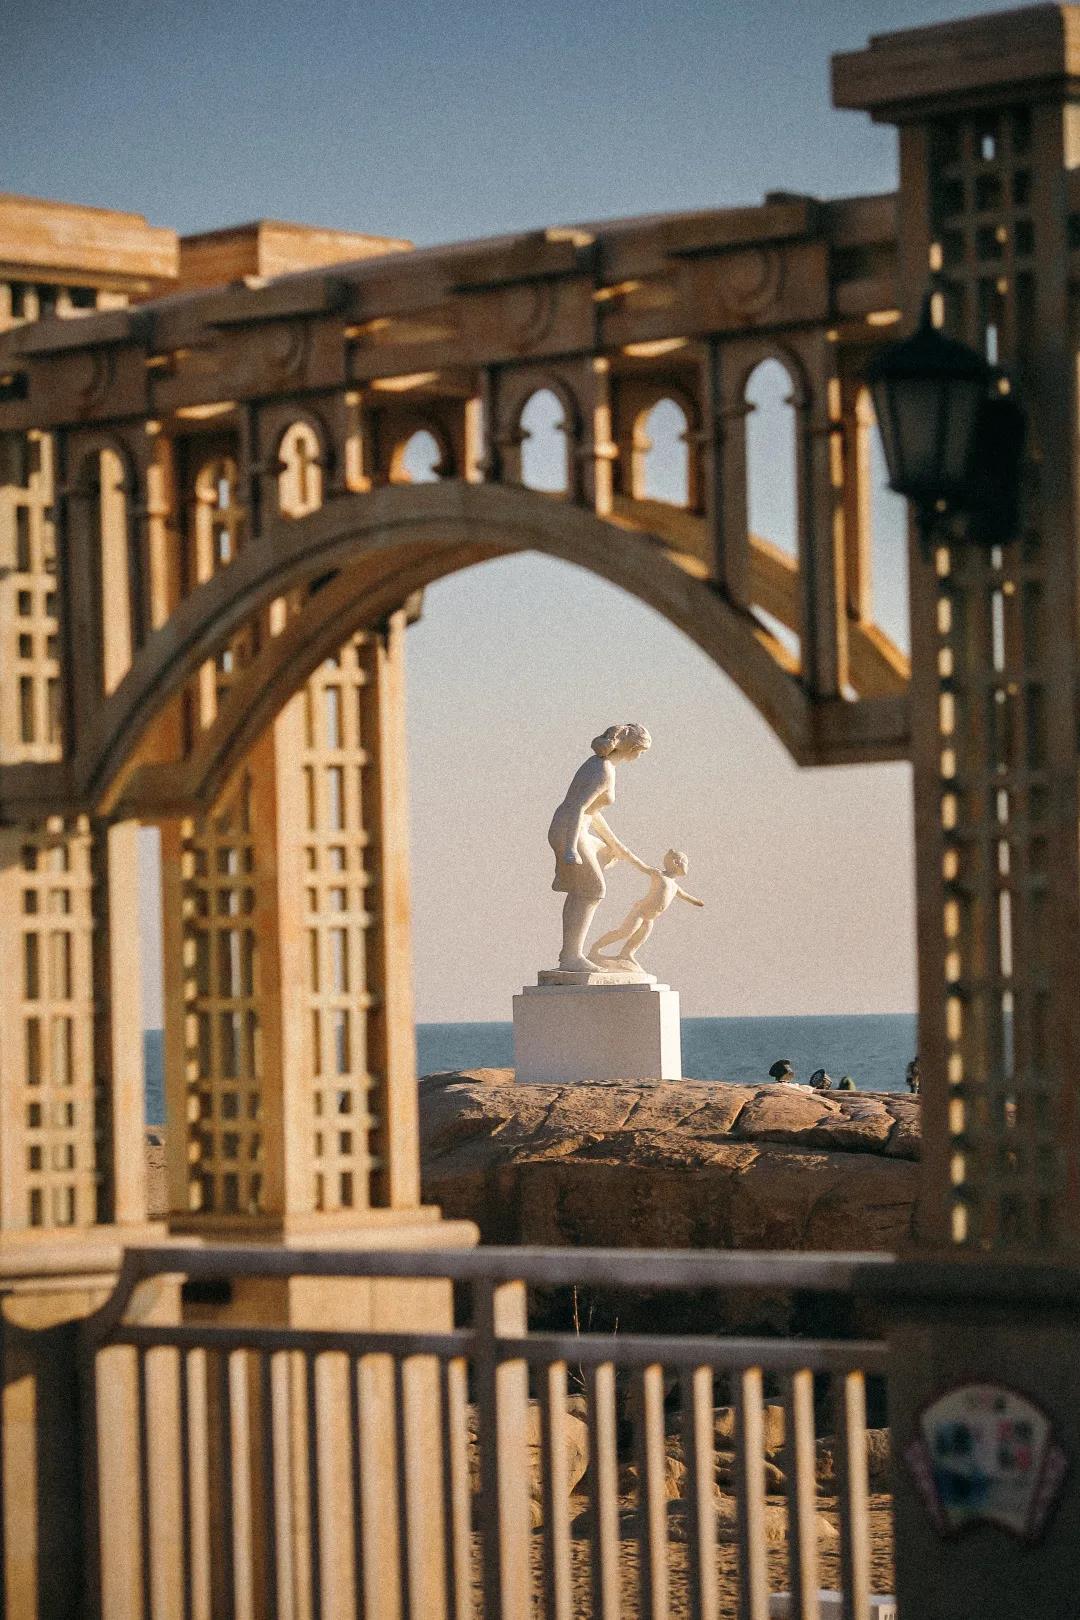 清明假期怎么玩?北戴河这些景区等你来打卡!  第6张